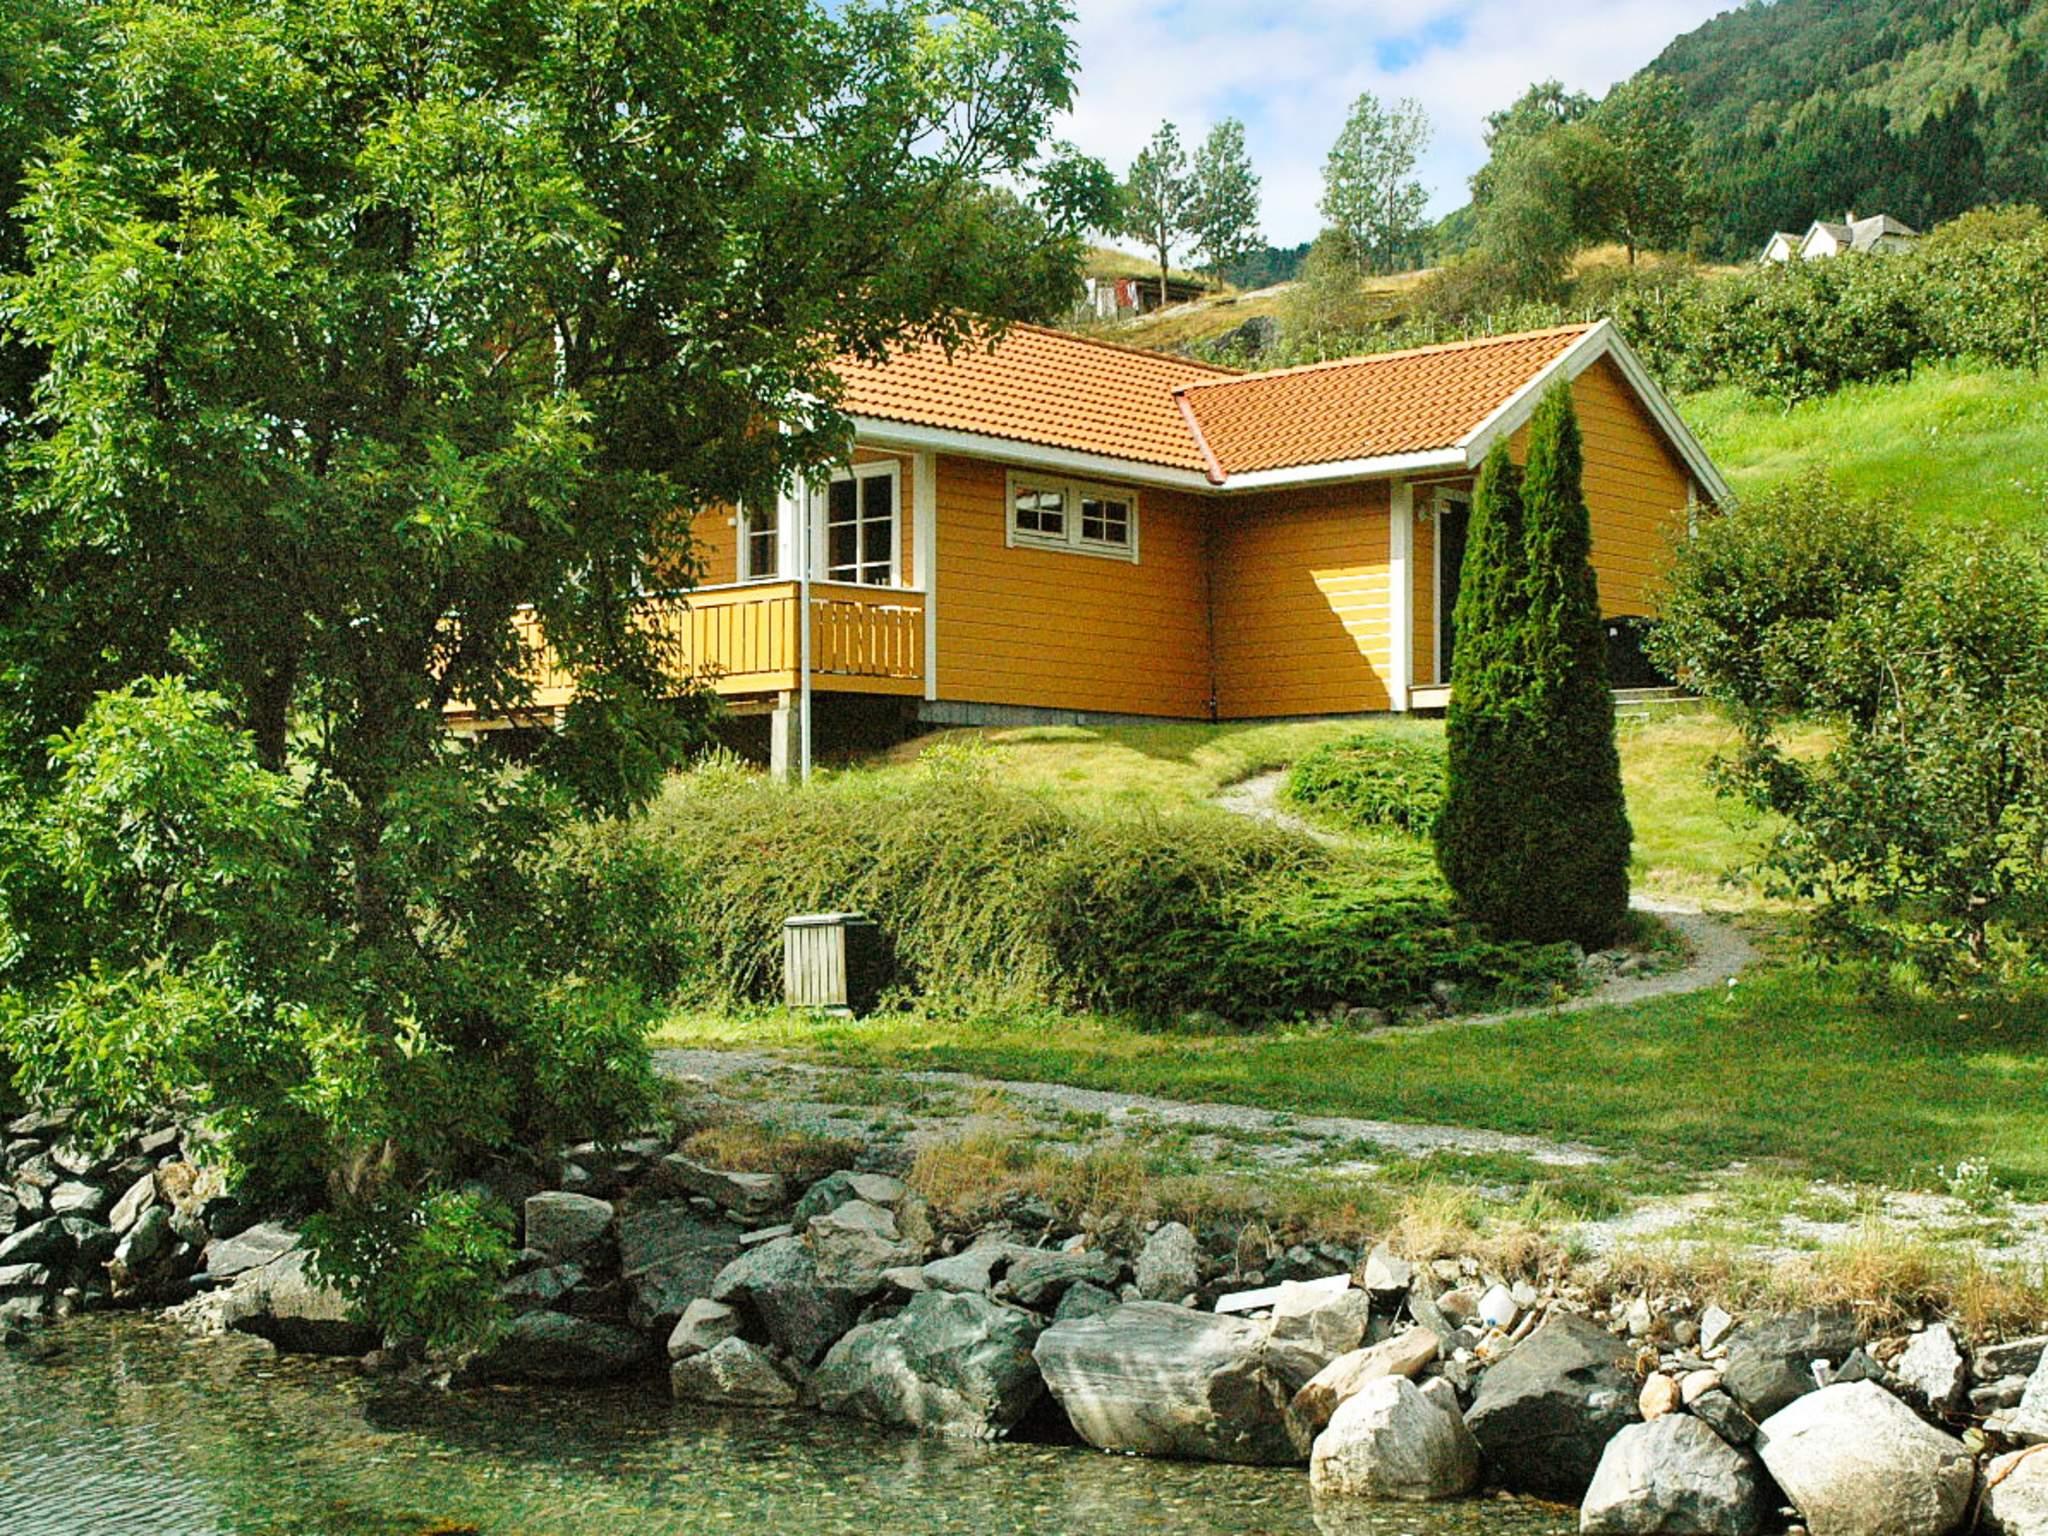 Ferienhaus Slinde (82397), Slinde, Sognefjord - Nordfjord, Westnorwegen, Norwegen, Bild 25